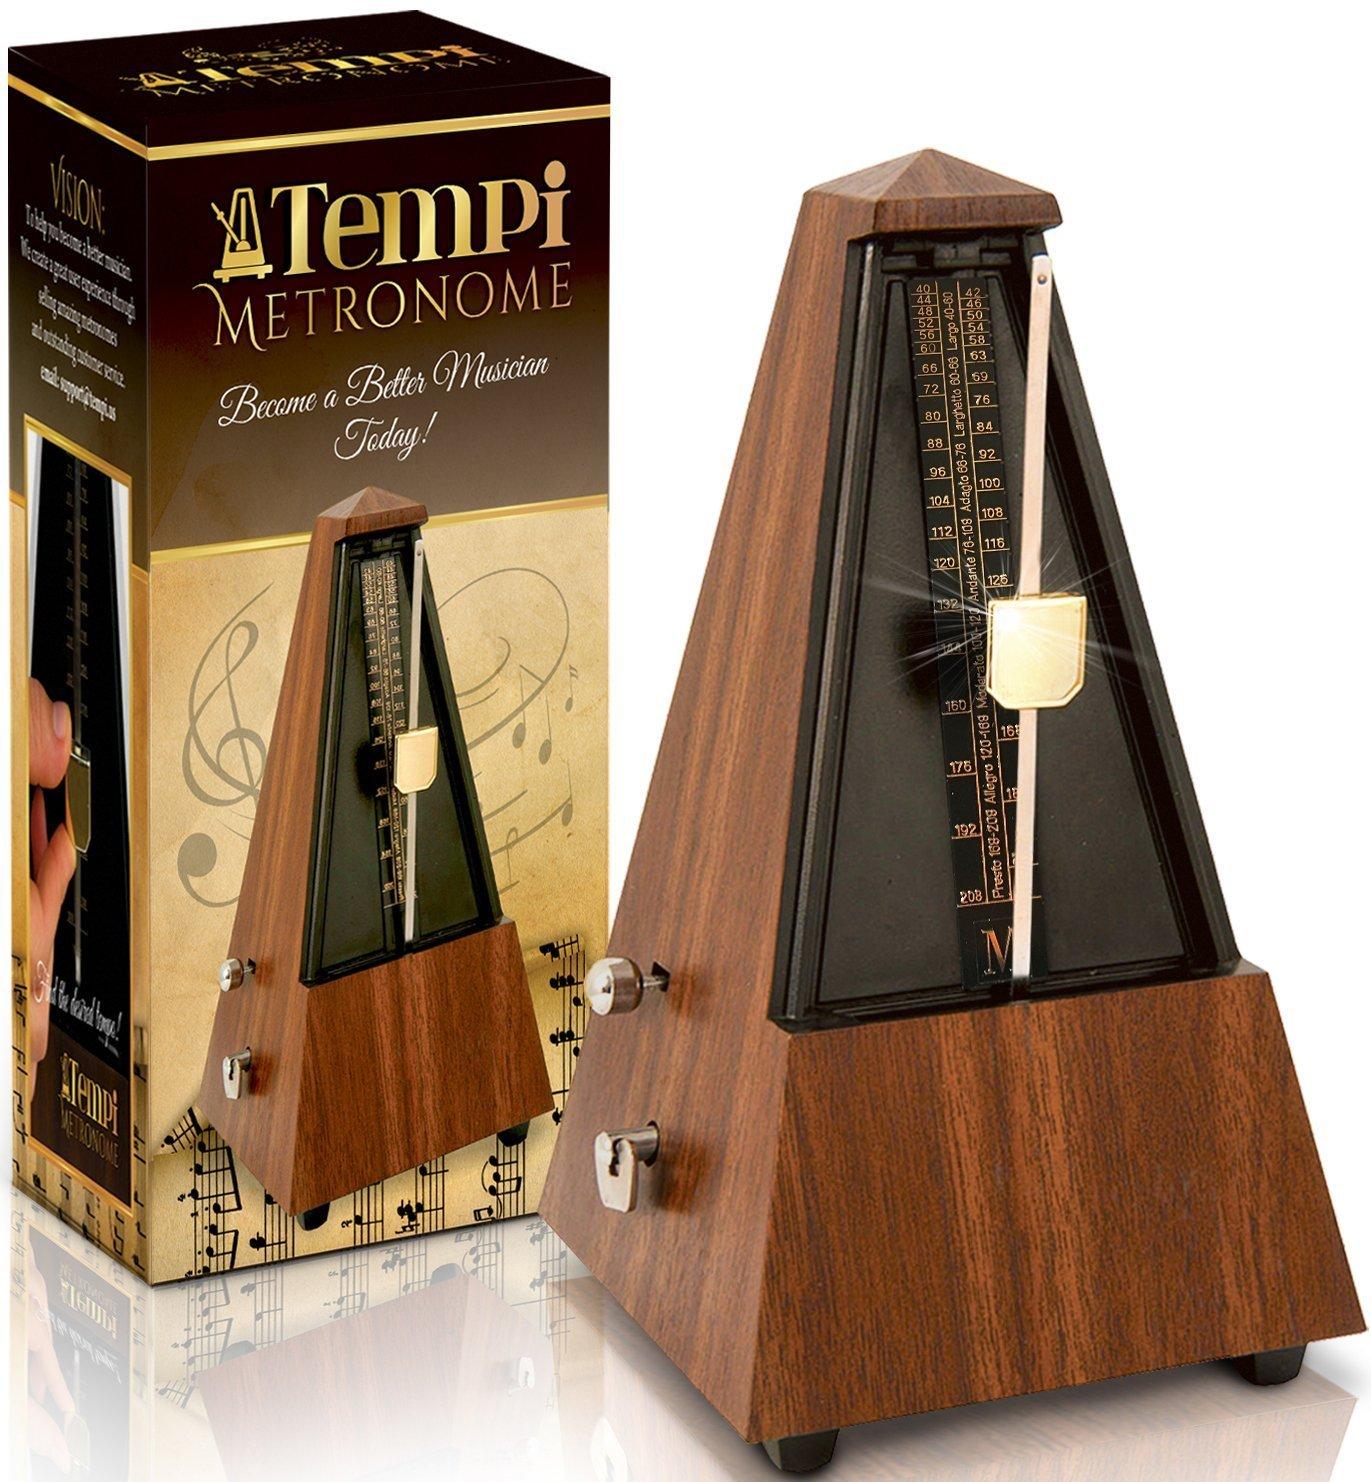 Tempi Metronome Musicians Mahogany Warranty